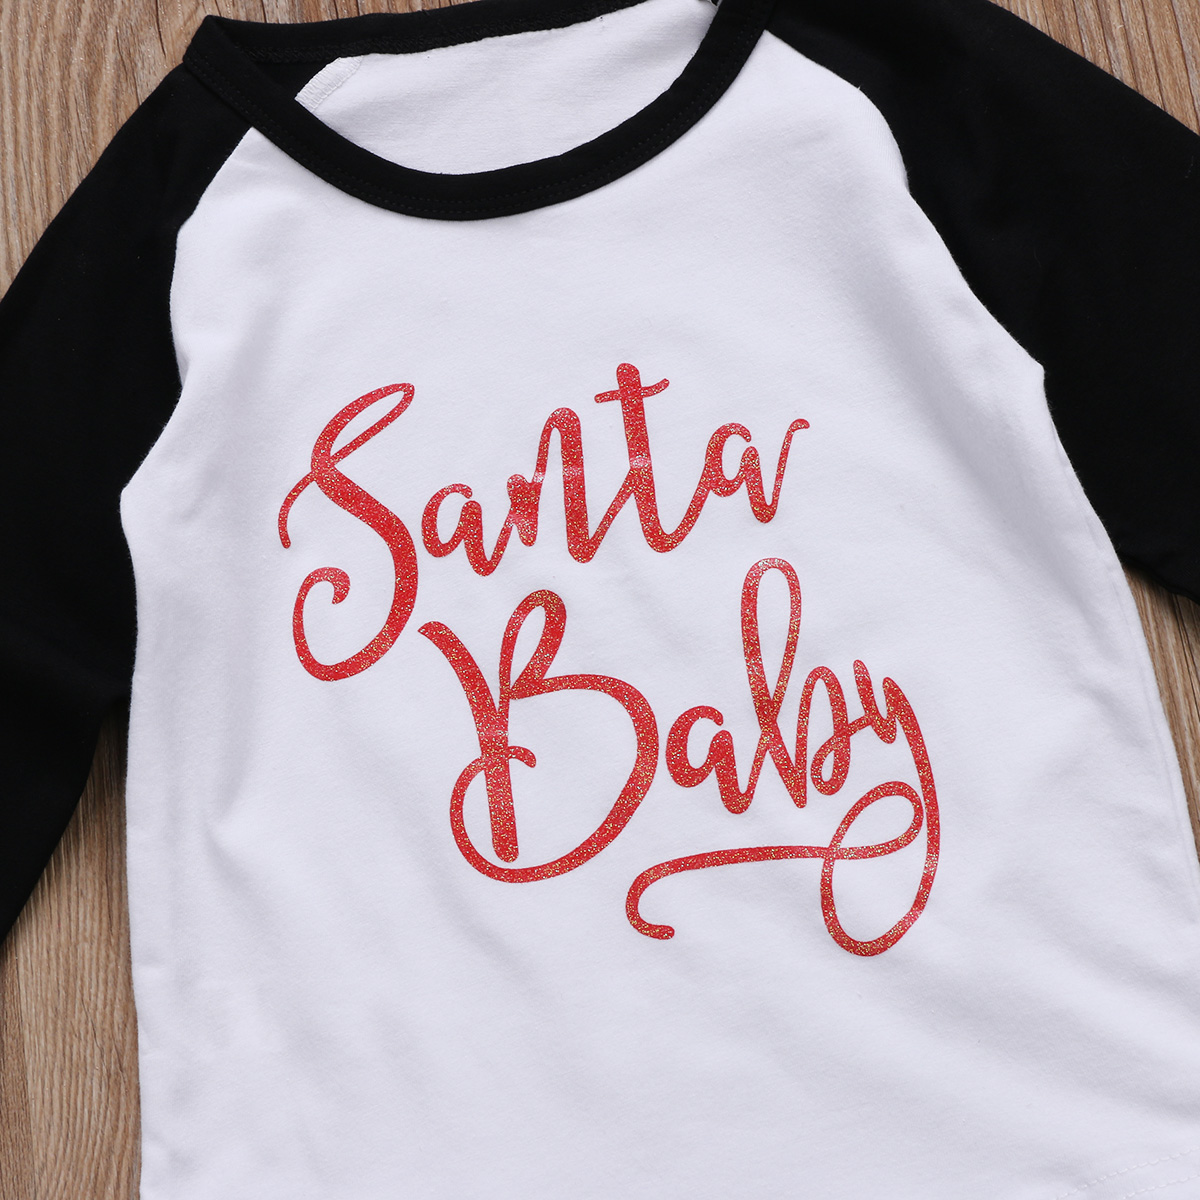 8723f4cd9499d9 Kerst Baby Jongen Meisje Kinderen Katoenen T shirt Tops Lange Mouwen Zwart  Wit Patchwork T Shirts in Kerst Baby Jongen Meisje Kinderen Katoenen T-shirt  Tops ...